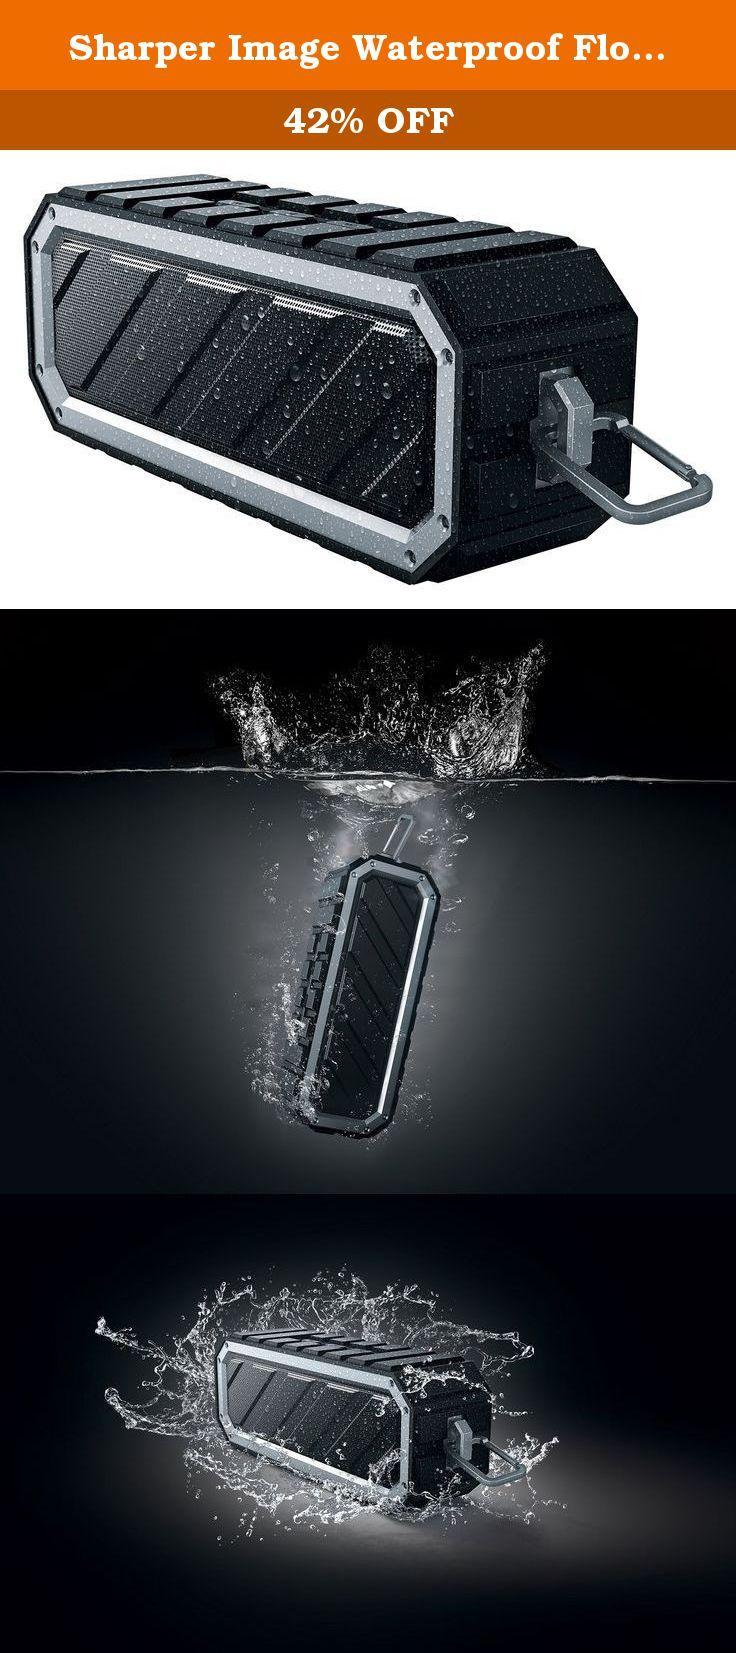 Sharper Image Waterproof Floating Bluetooth Speaker Rug Portable